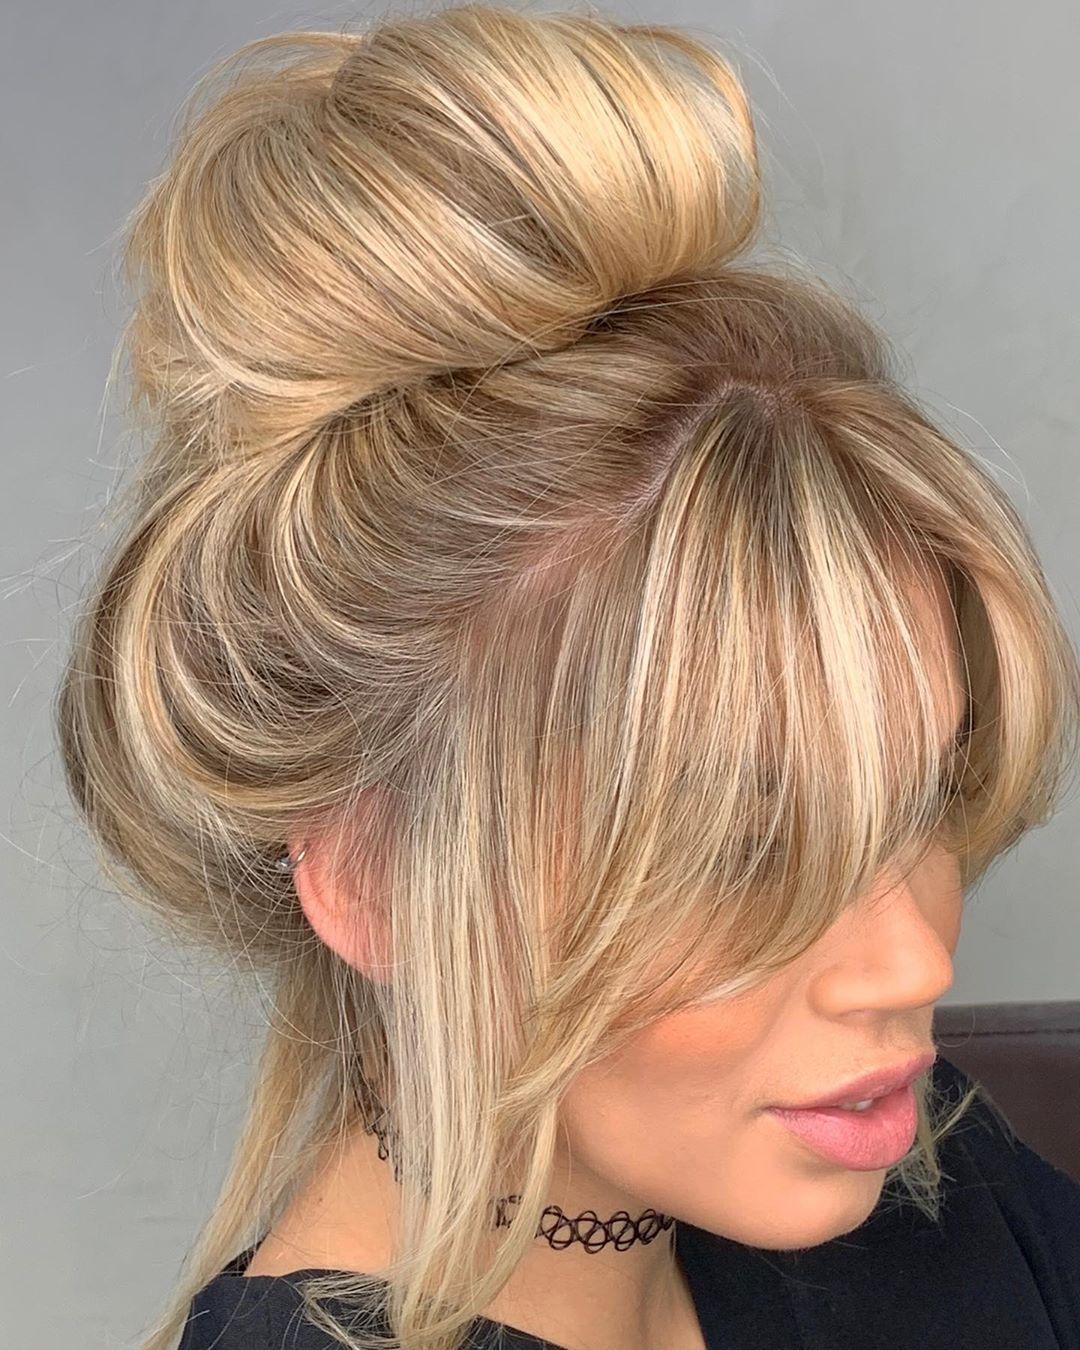 Blonde Donut Bun with Bangs